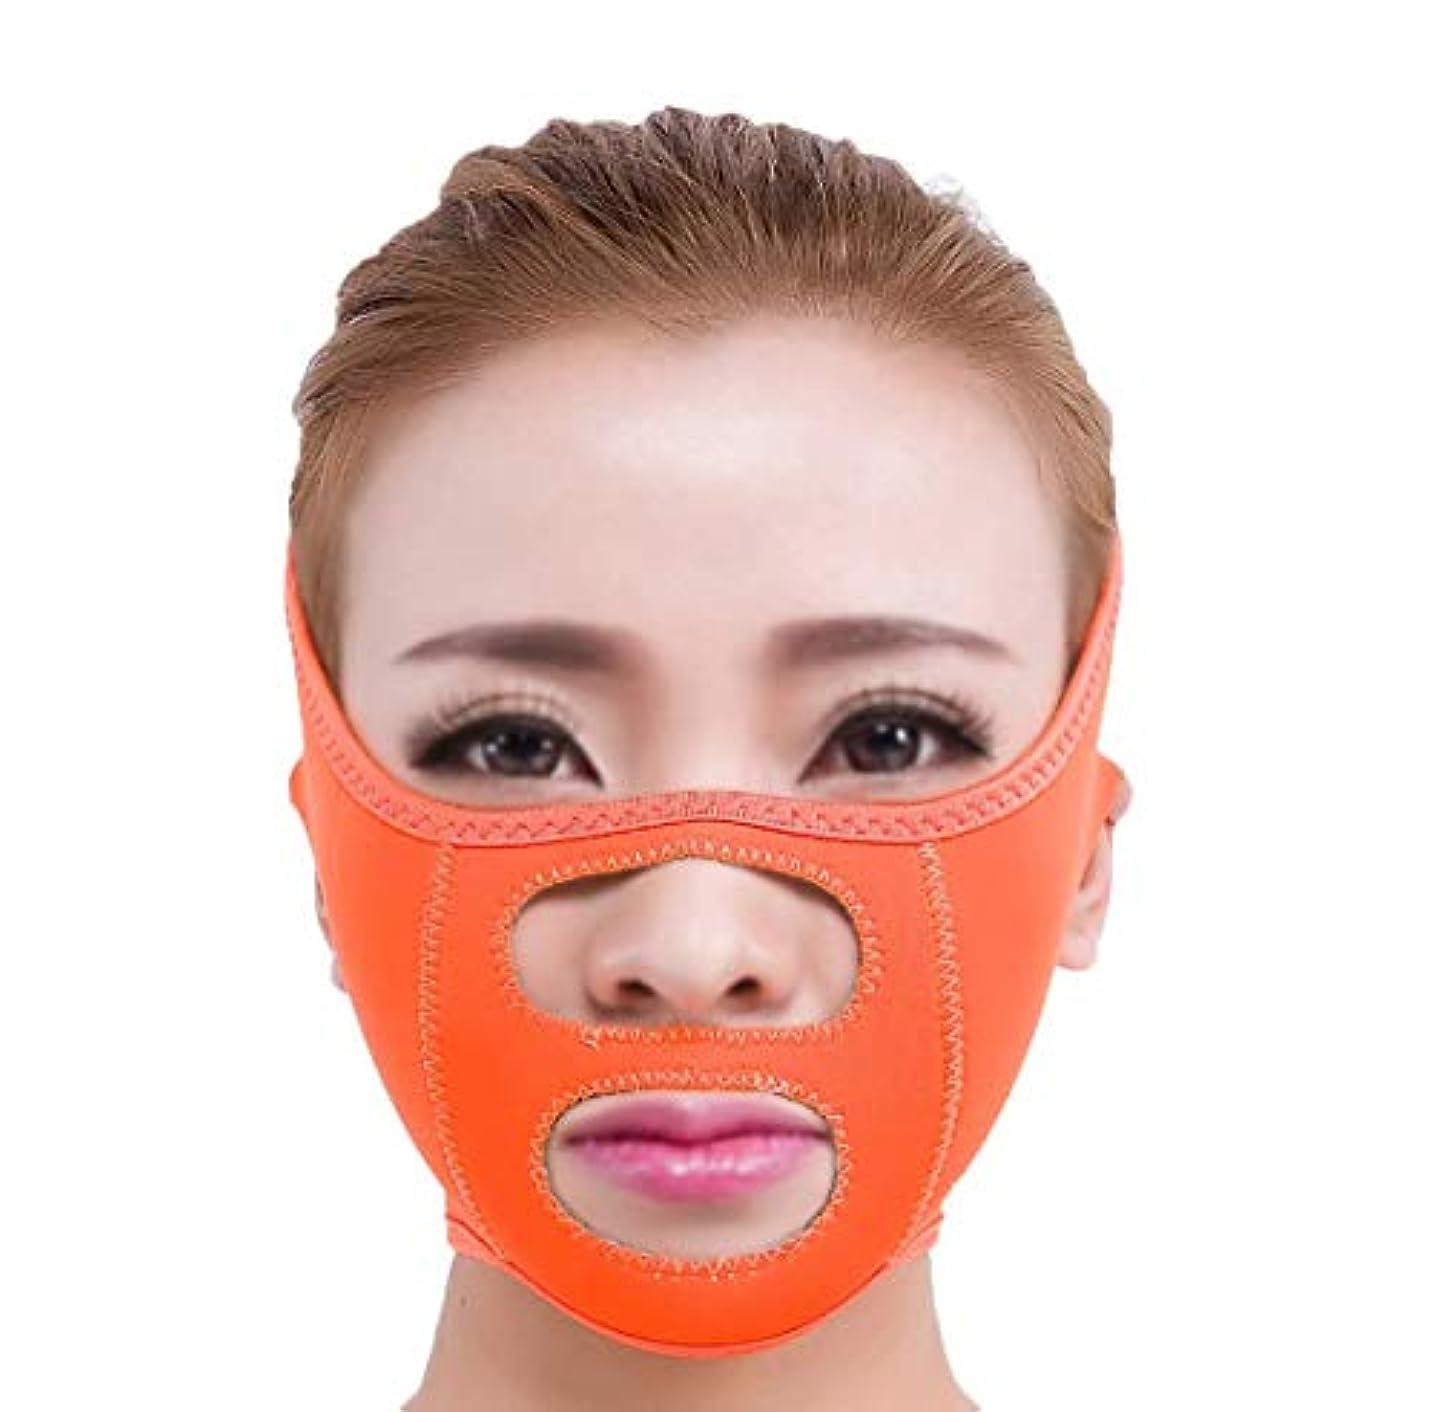 シーケンス保持するきつくスモールフェイスツールVフェイス包帯フェイシャルリフティングフェイシャルマッサージャー美容通気性マスクVフェイスマスク睡眠薄い顔でオレンジ